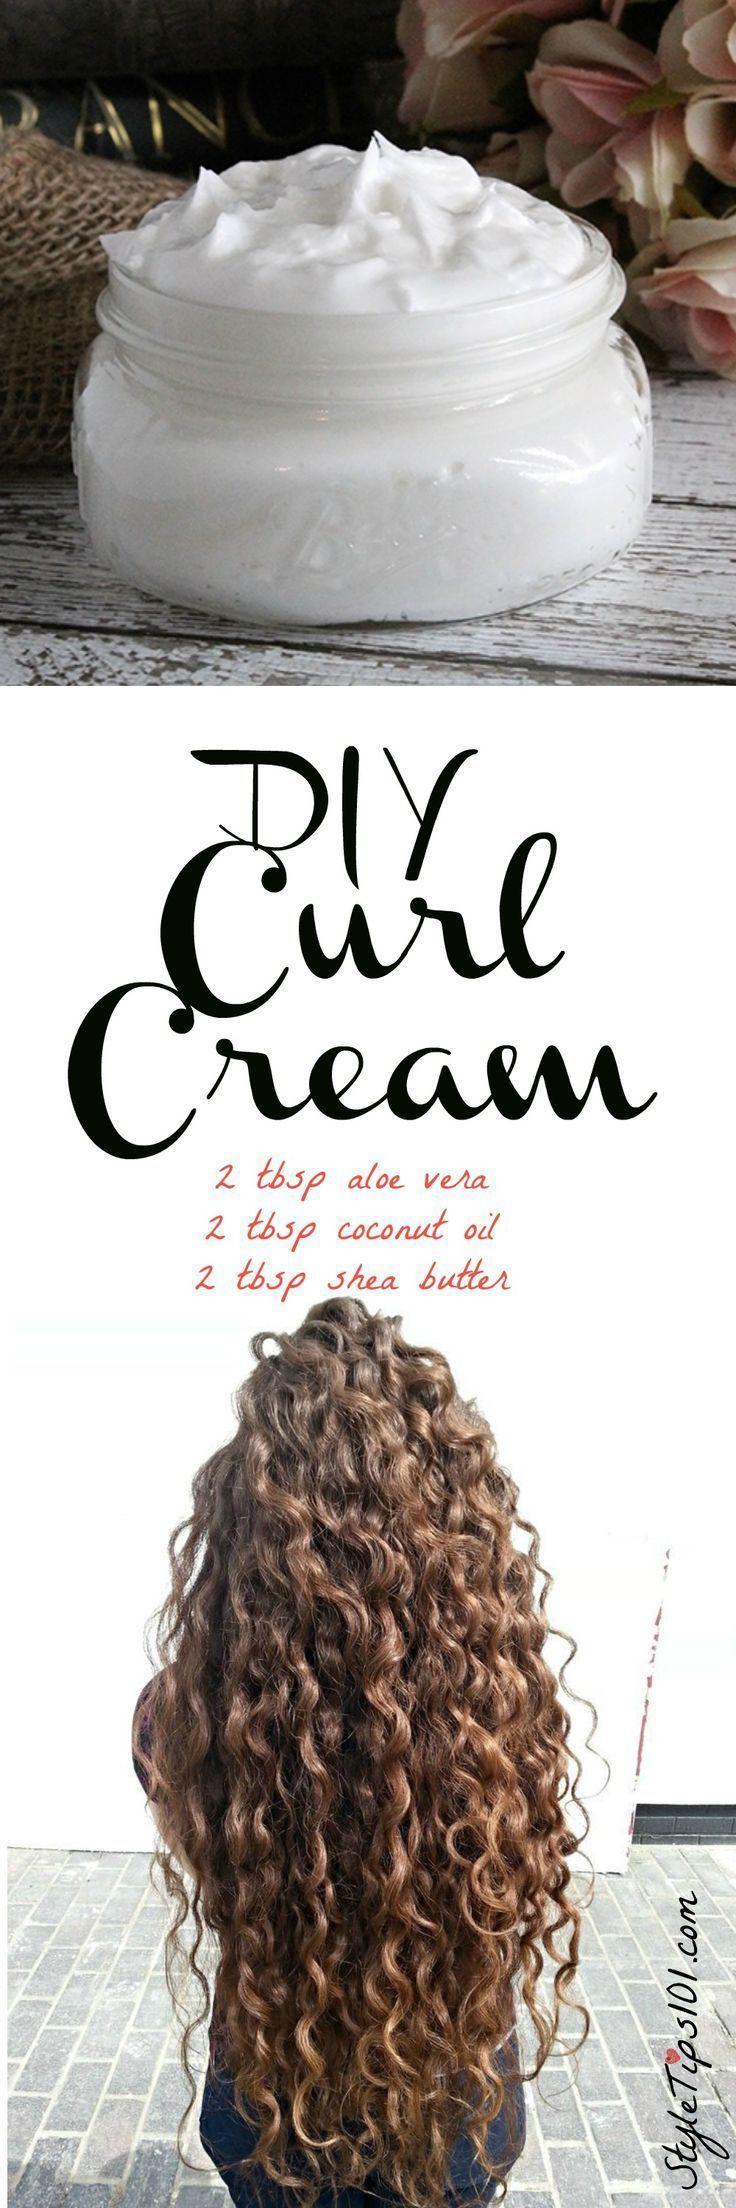 Curl Cream – Tippen Sie auf den Link, um einige Produkte anzuzeigen, die Sie wahrscheinlich noch nie gesehen haben! Gerne können Sie auch die KOSTENLOSEN EINZELTEILE nutzen;) mehr zum Selbermachen auf Interessante-dinge.de